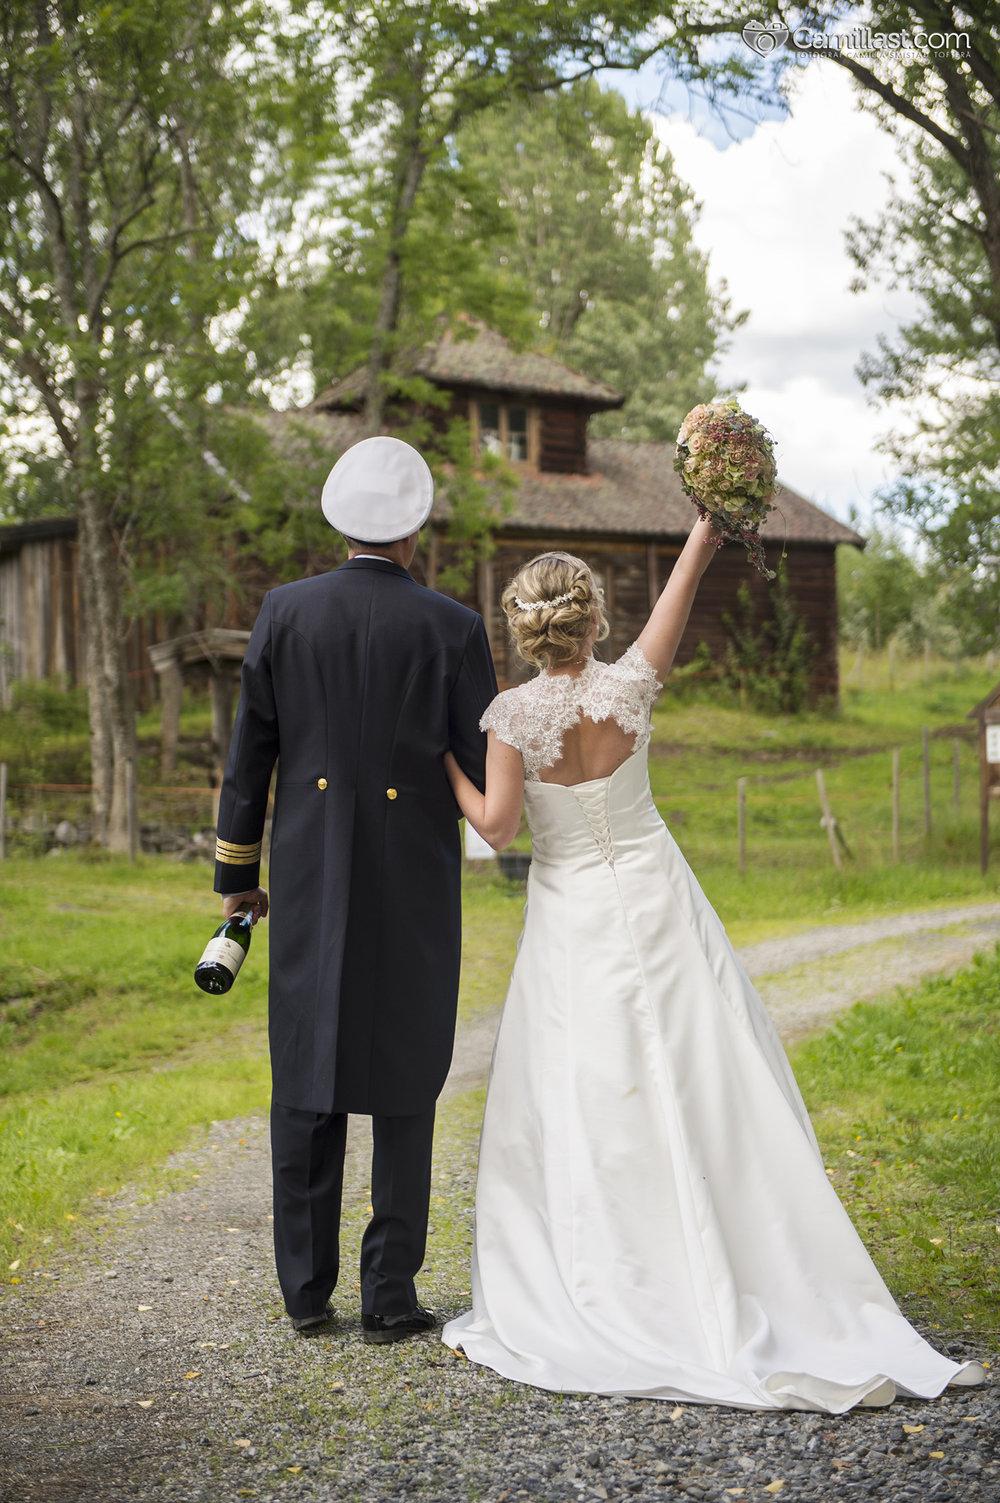 Fotograf_Camillast_20150801_ElinHenning bryllup208 copy.jpg